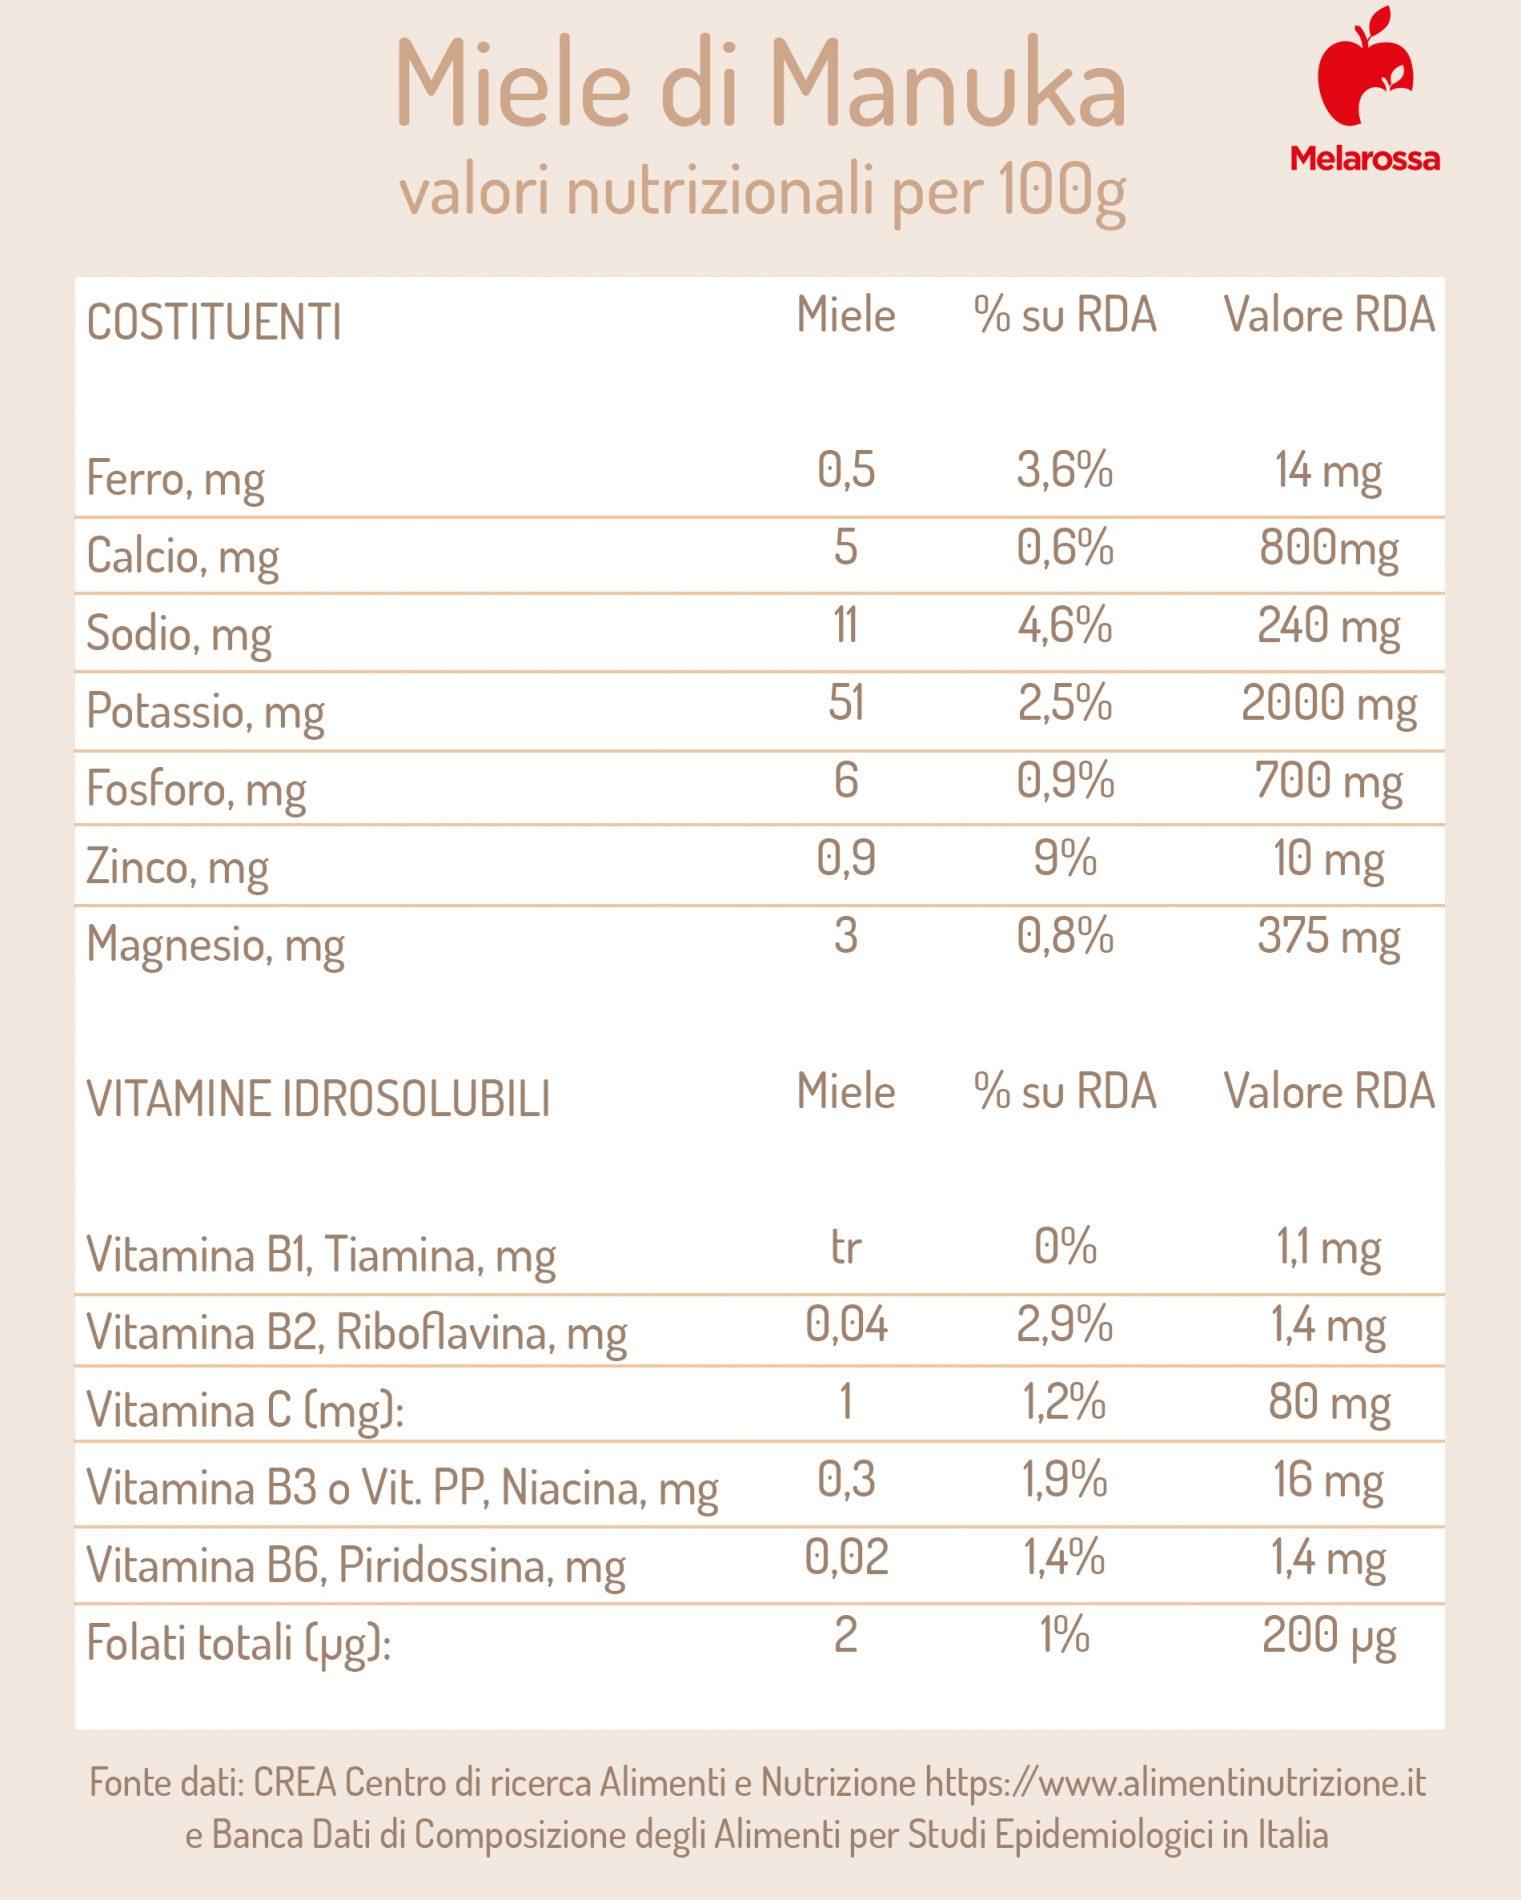 Miele di Manuka: valori nutrizionali